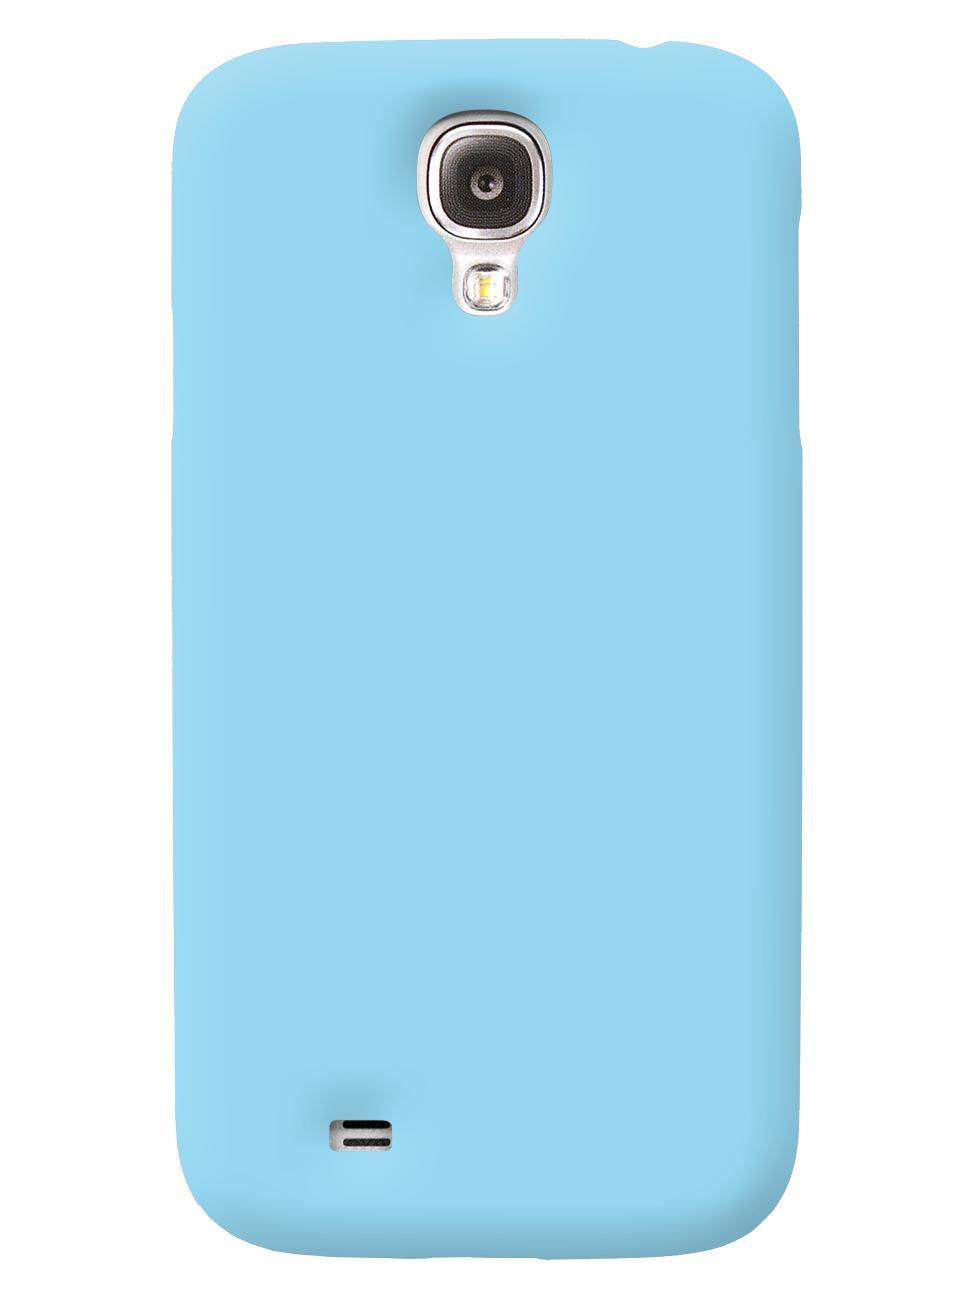 Чехол iCover для Galaxy S IV Rubber sky blueТонкая, яркая, модная и очень надежная. На этом достоинства iCover Rubber точно не заканчиваются. Панель идеально повторяет формы элегантного Galaxy S IV  и не загораживает доступ к элементам управления. Корпус, толщиной всего несколько миллиметров, отлич...<br>